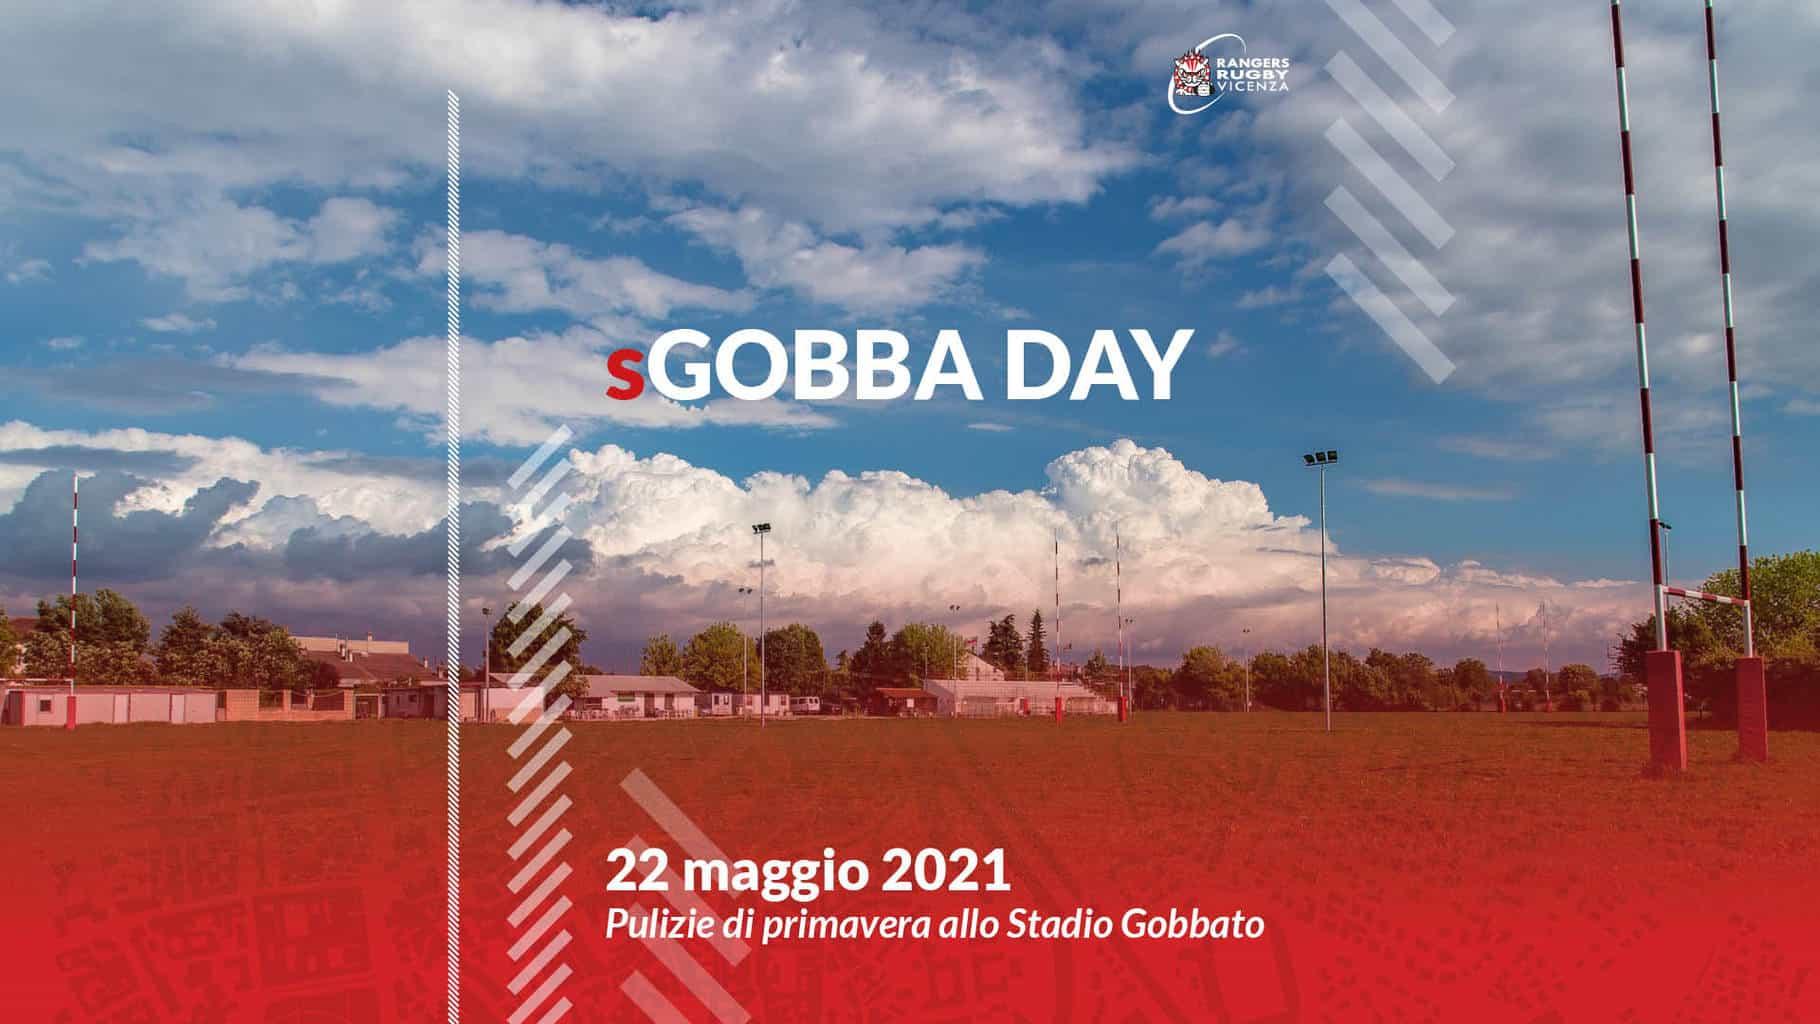 sGobba Day: sabato 22 maggio si lavora al Gobbato